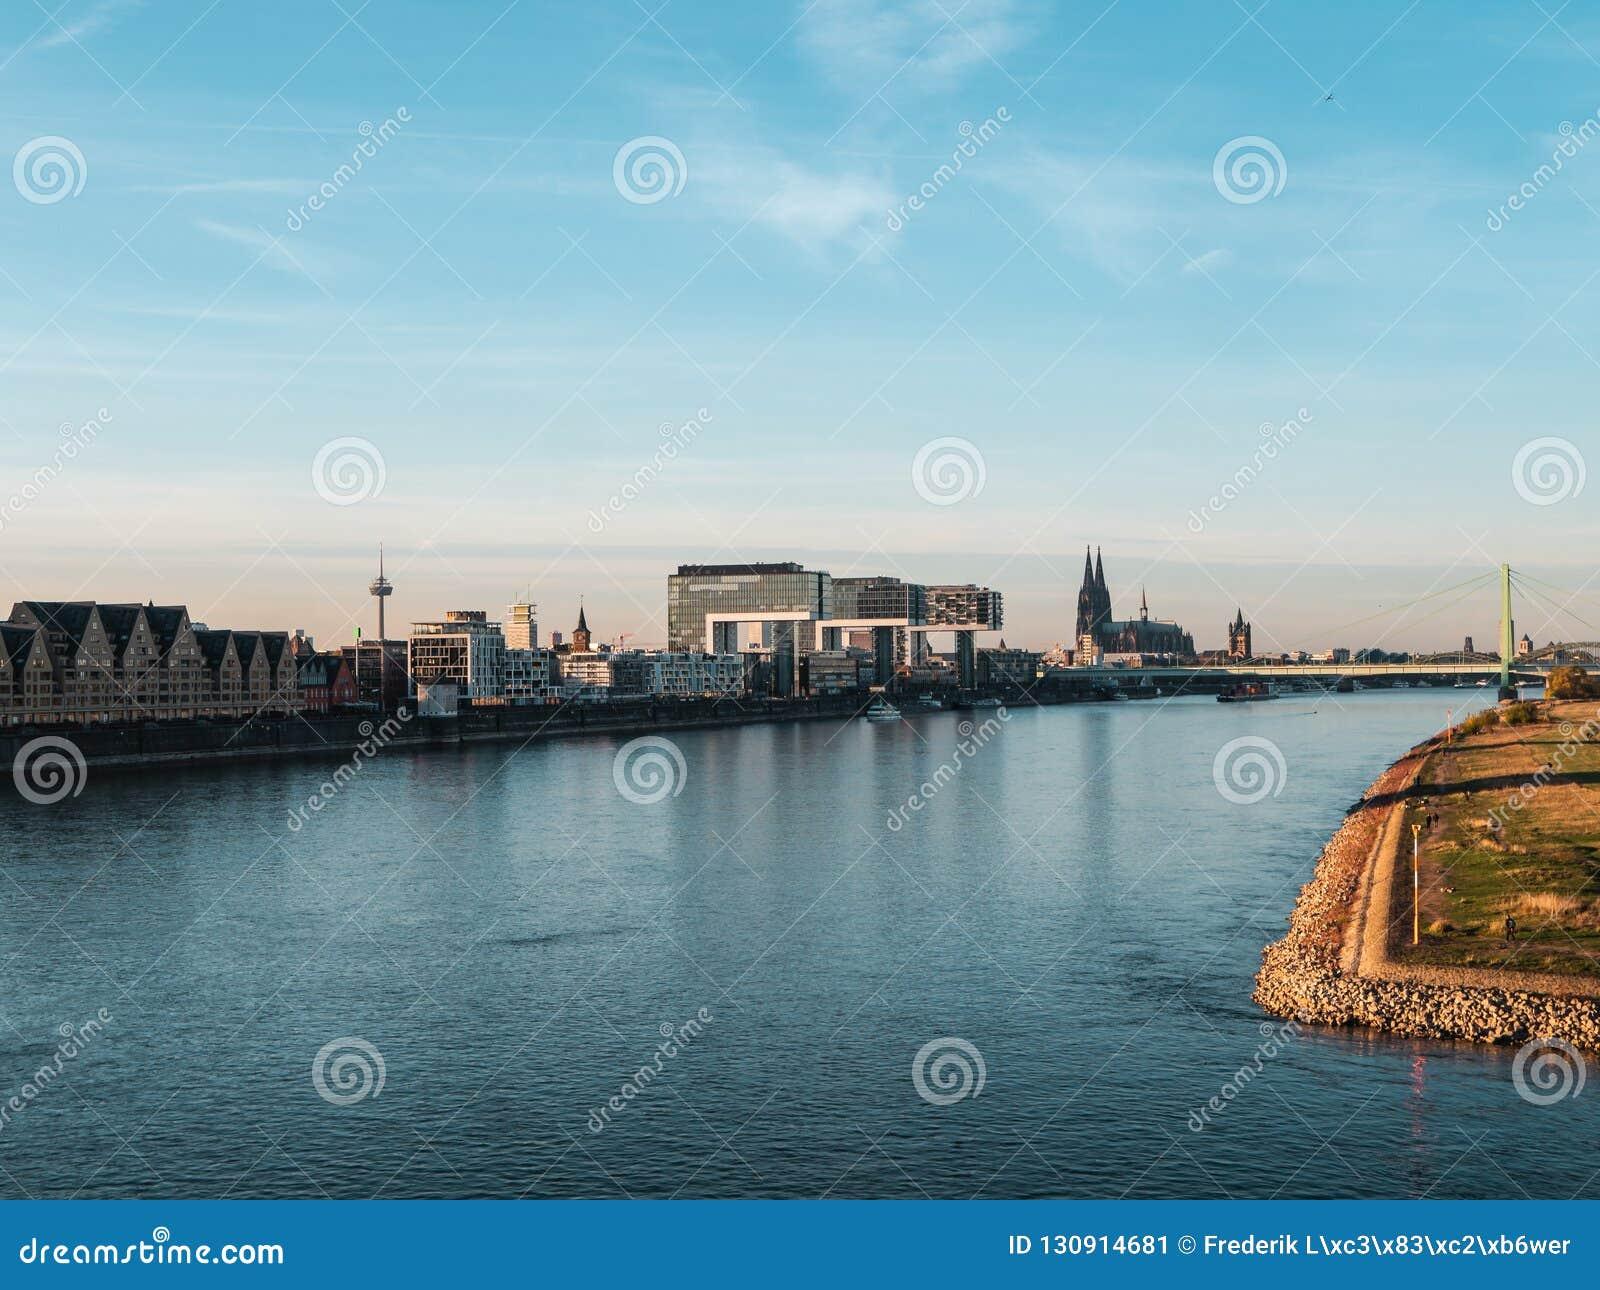 Autunno in Colonia: Paesaggio urbano di Colonia, Germania con la cattedrale